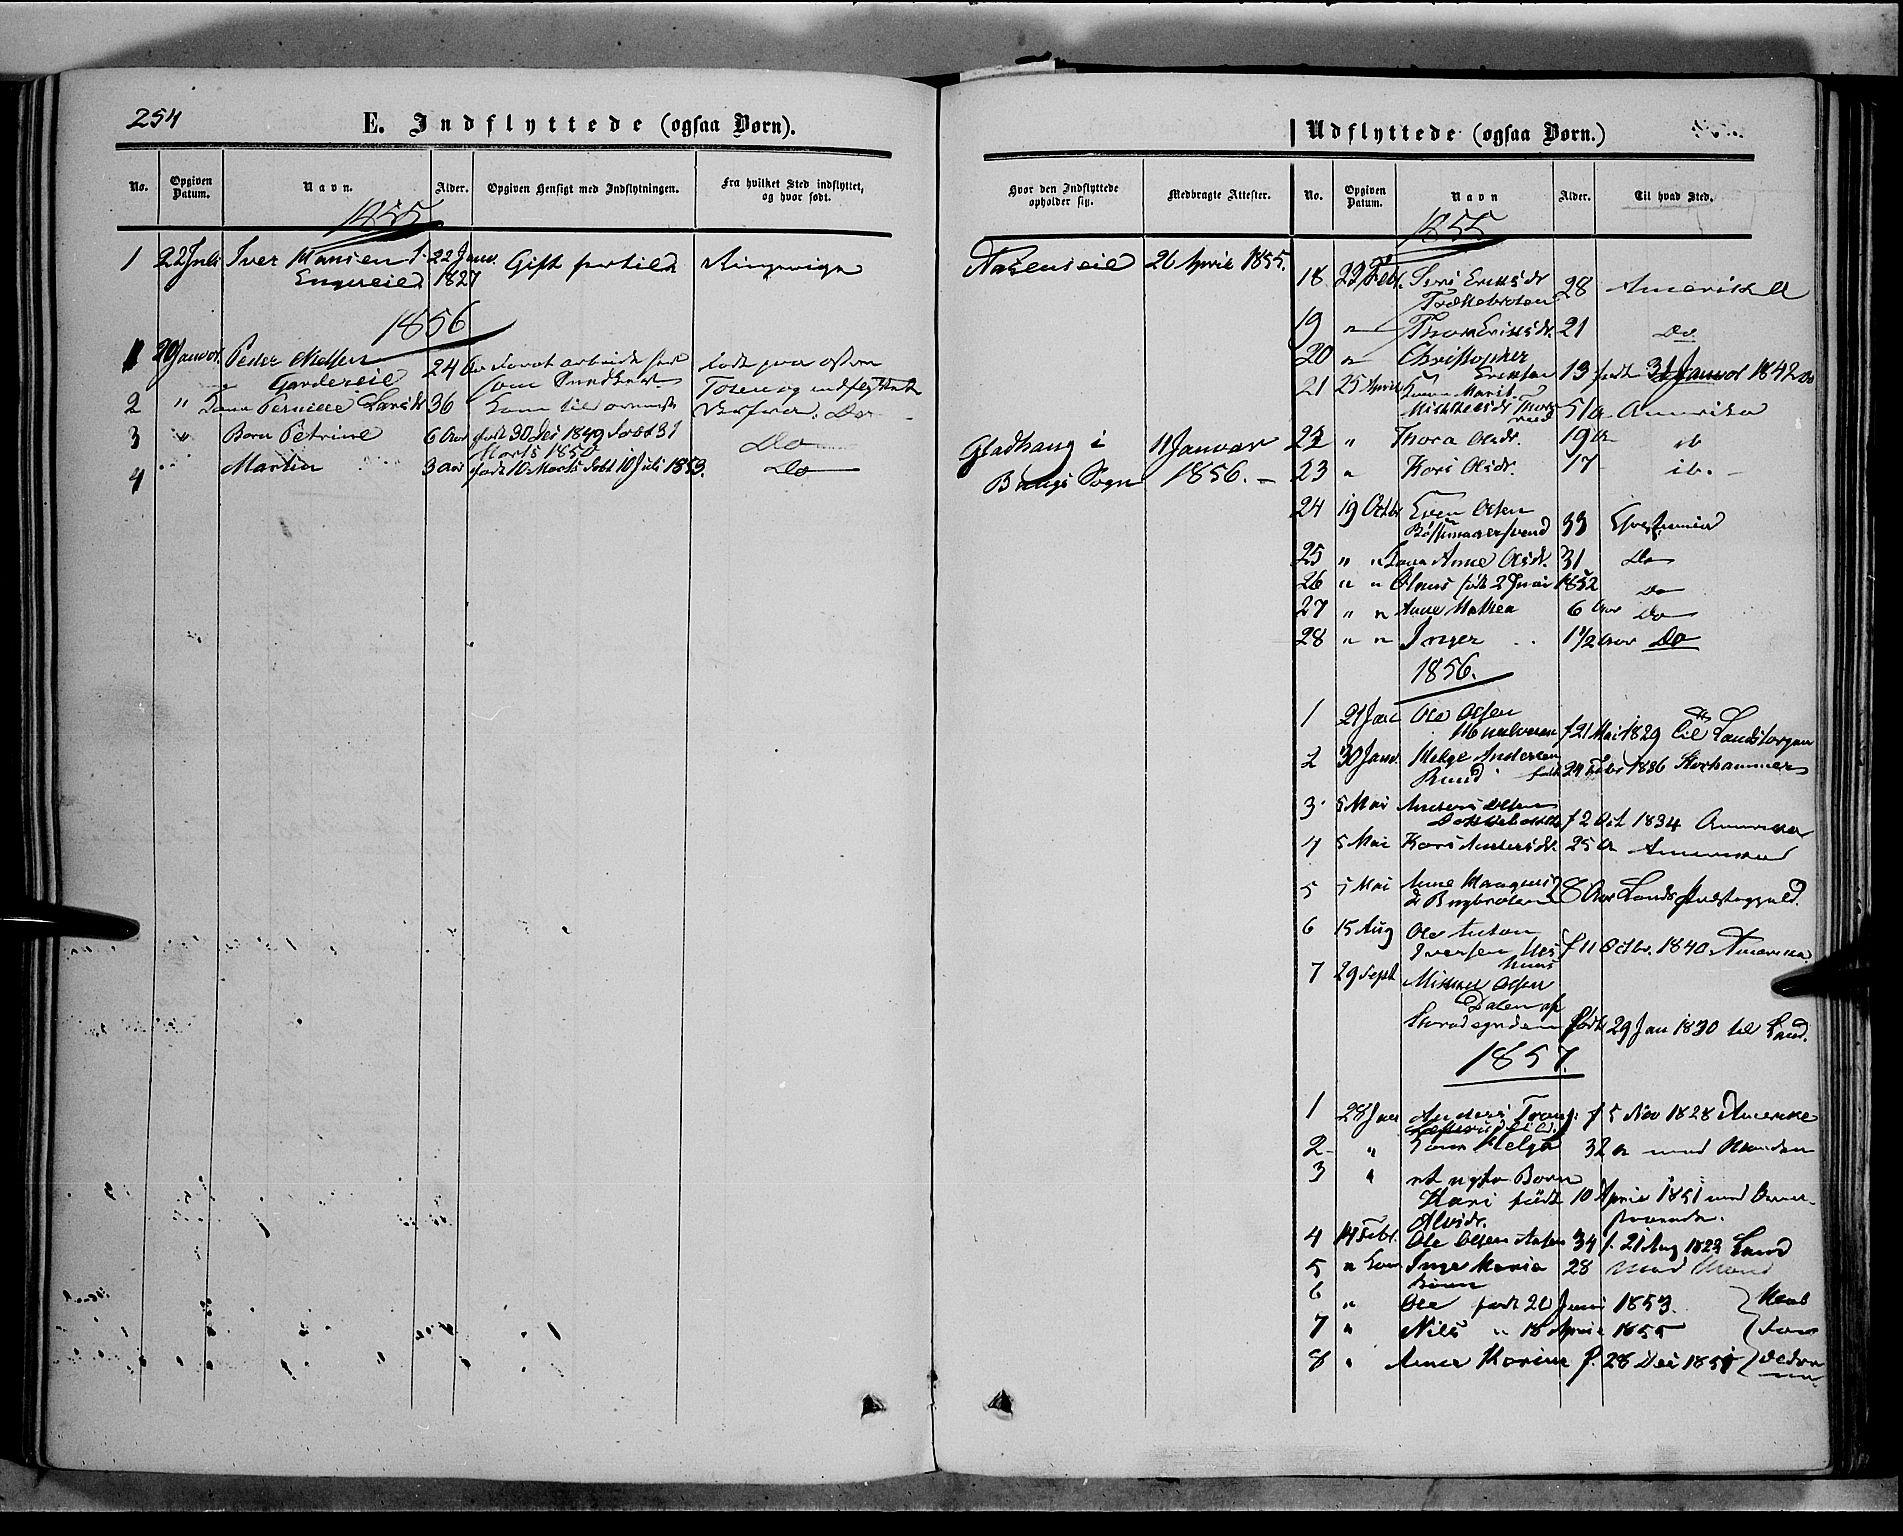 SAH, Sør-Aurdal prestekontor, Ministerialbok nr. 5, 1849-1876, s. 254